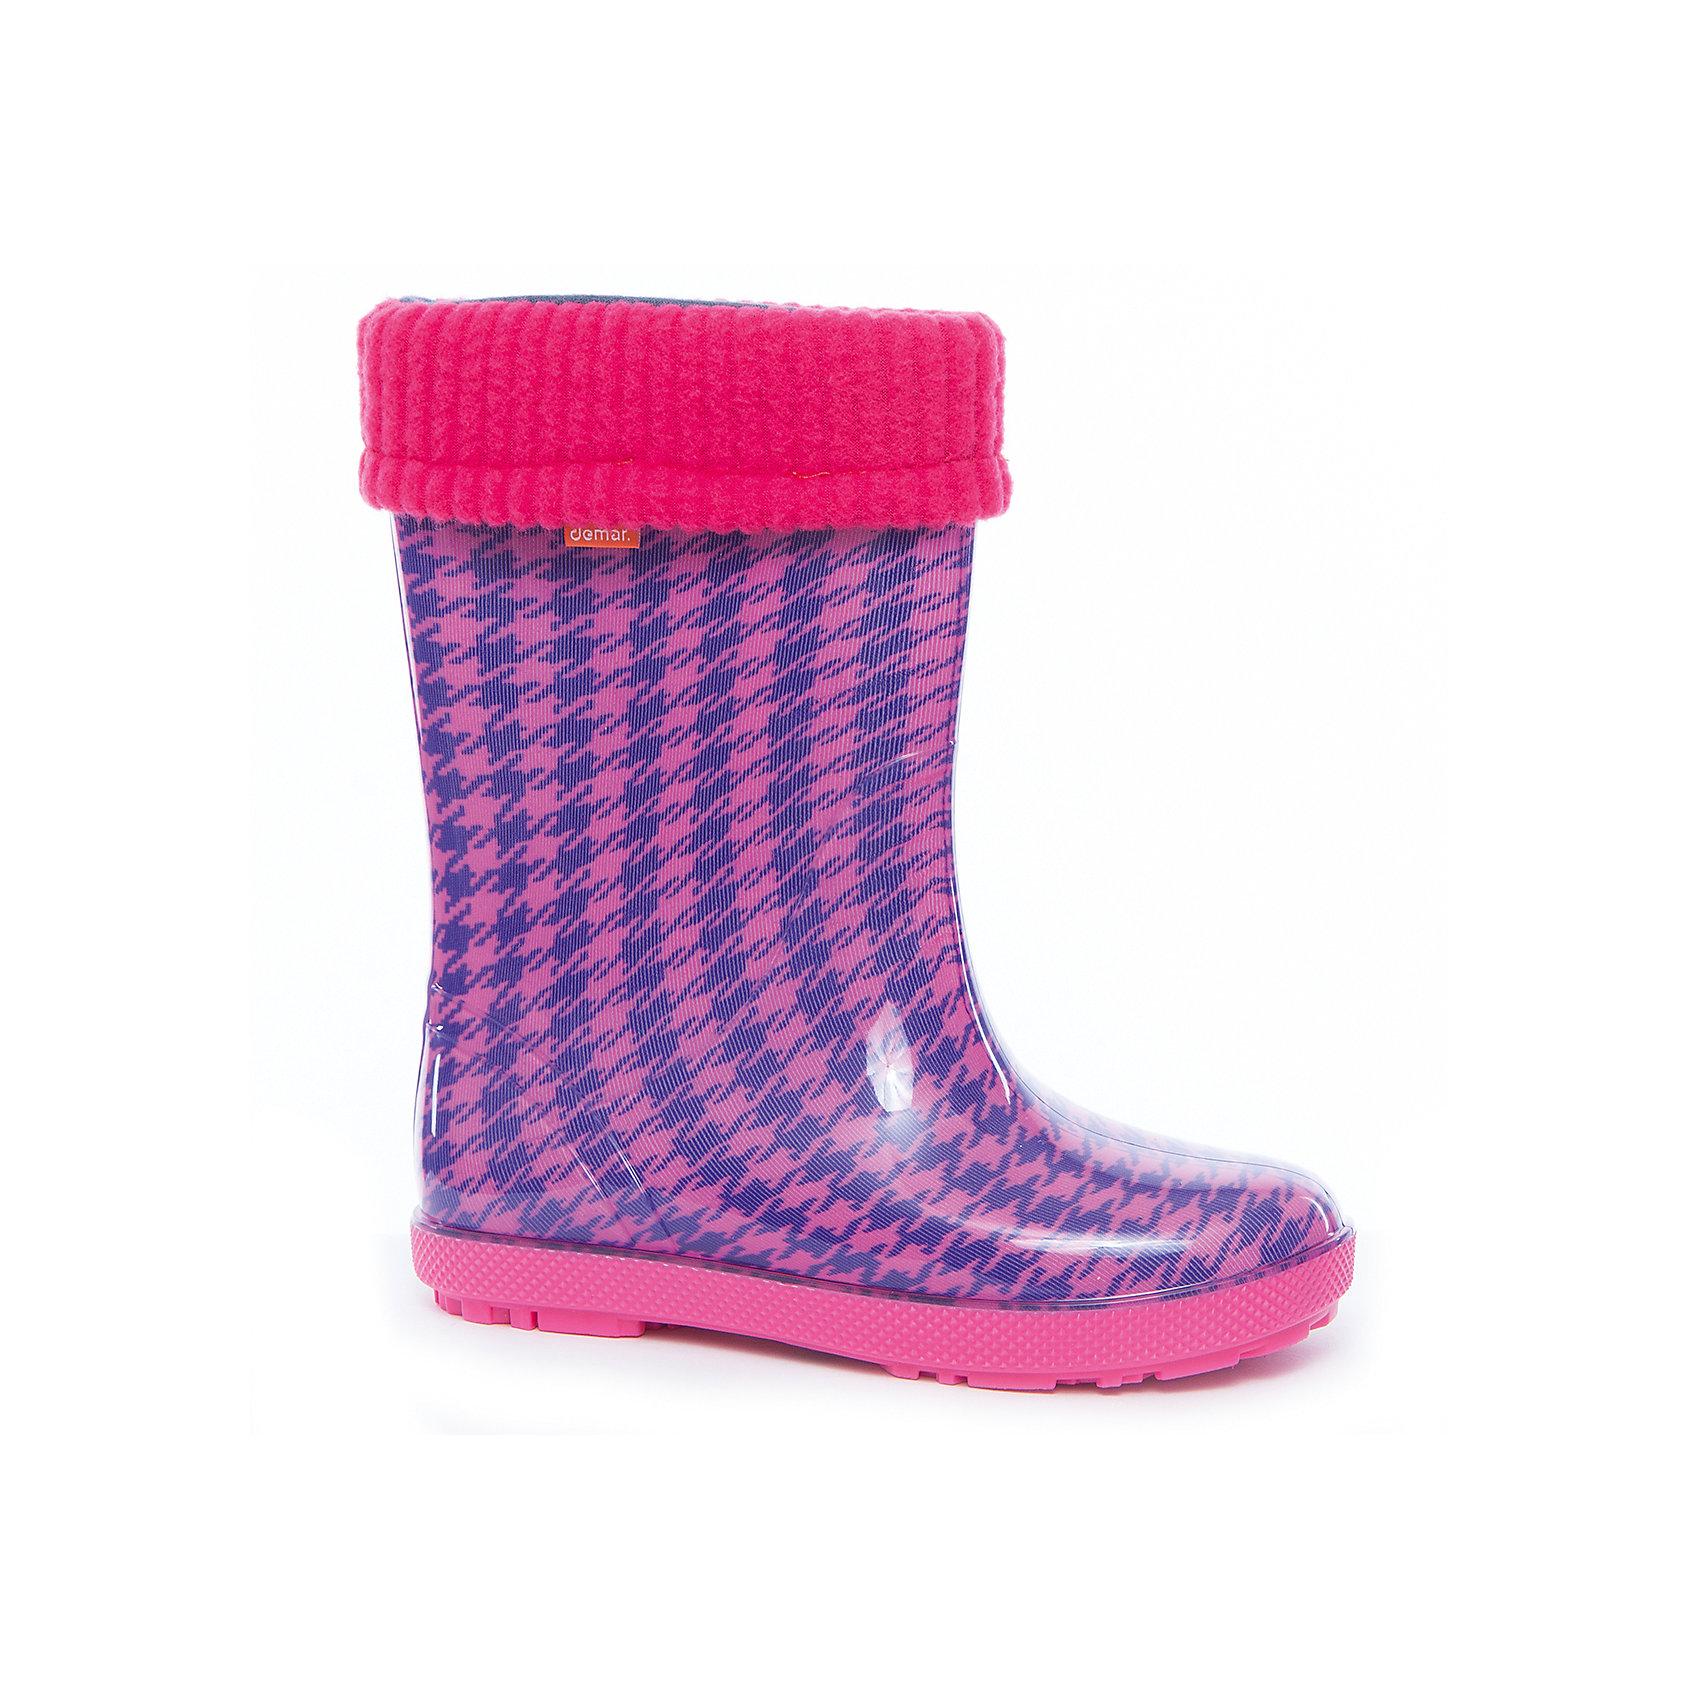 Резиновые сапоги для девочки DEMARРезиновые сапоги<br>Характеристики товара:<br><br>• цвет: фиолетовый<br>• внешний материал: ЭВА<br>• внутренний материал: текстиль<br>• стелька: ворсин<br>• подошва: ЭВА<br>• сезон: демисезон<br>• температурный режим: от 0 до +20<br>• съемный внутренний сапожок<br>• непромокаемые<br>• подошва не скользит<br>• анатомические <br>• высокие<br>• страна бренда: Польша<br>• страна изготовитель: Польша<br><br>Высокие резиновые сапоги для девочки Demar сделаны из плотного надежного материала. Устойчивая подошва с протектором не скользит. <br><br>Есть съемный сапожок. Непромокаемая детская обувь поможет сохранить ноги в тепле и сухости. <br><br>Резиновые сапоги для девочки Demar (Демар) можно купить в нашем интернет-магазине.<br><br>Ширина мм: 237<br>Глубина мм: 180<br>Высота мм: 152<br>Вес г: 438<br>Цвет: розовый<br>Возраст от месяцев: 108<br>Возраст до месяцев: 120<br>Пол: Женский<br>Возраст: Детский<br>Размер: 32/33,34/35,28/29,30/31<br>SKU: 5454268